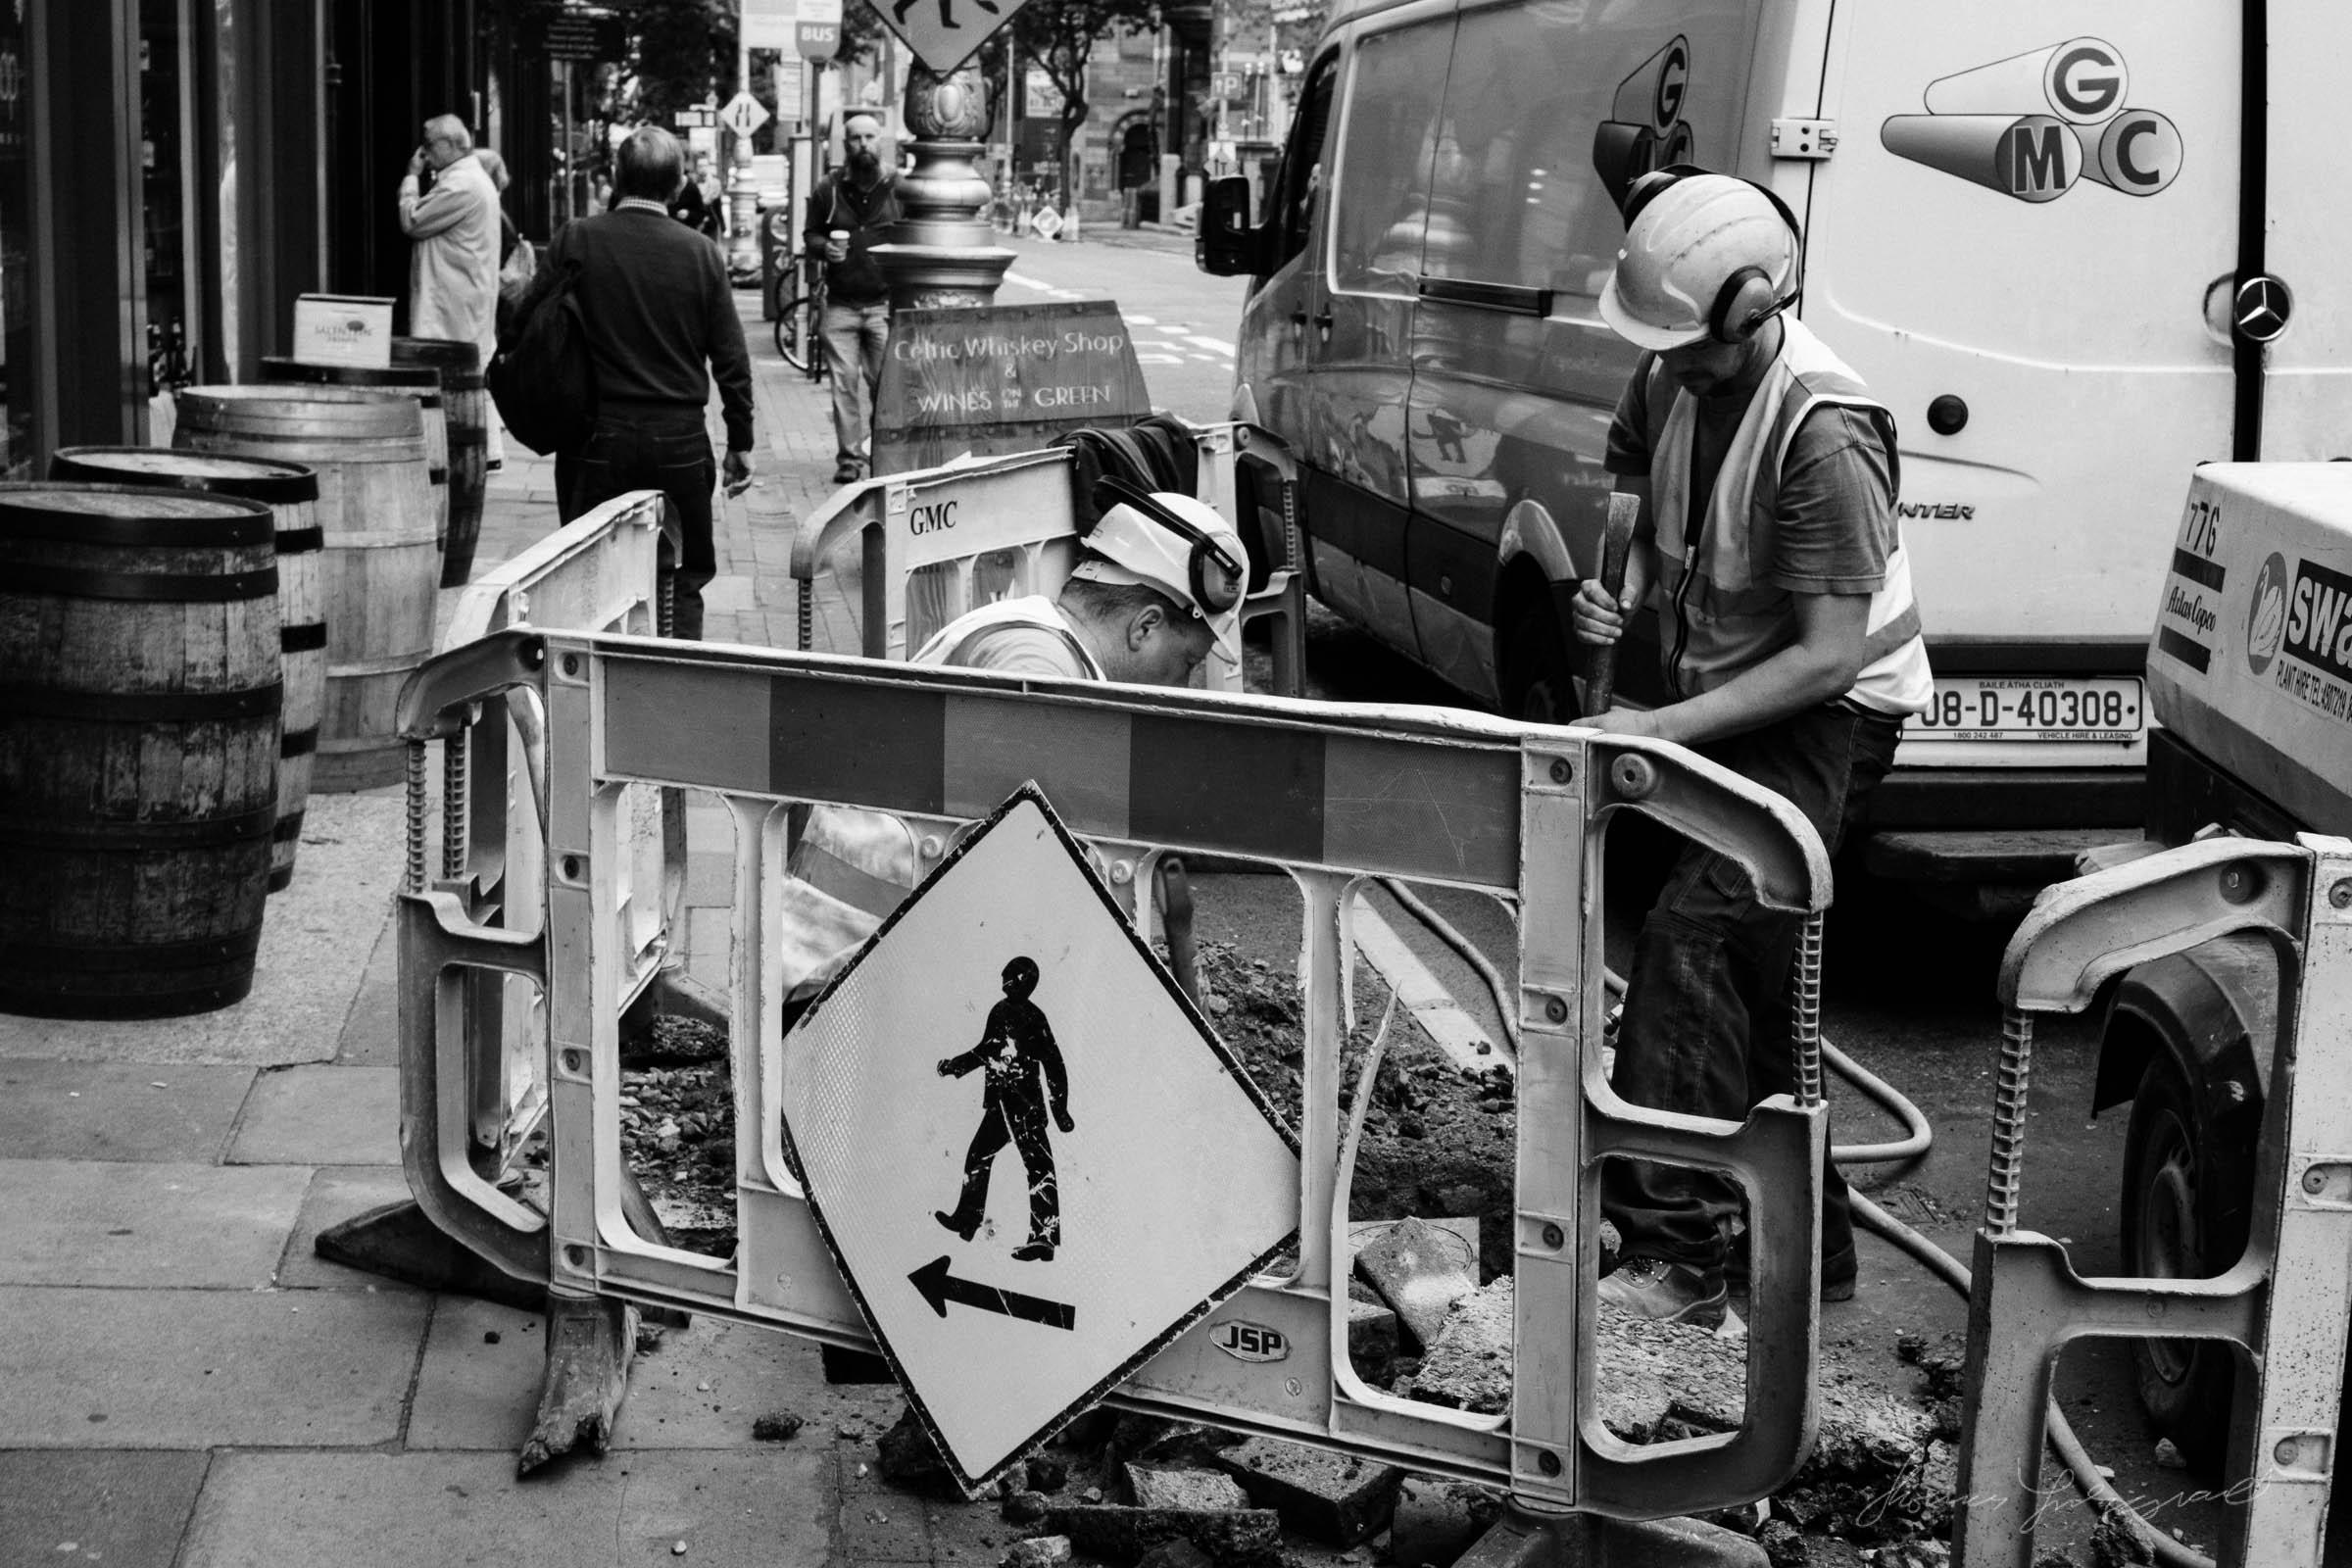 Street-Photo-Diary-No-6-BW-Dublin-12.jpg